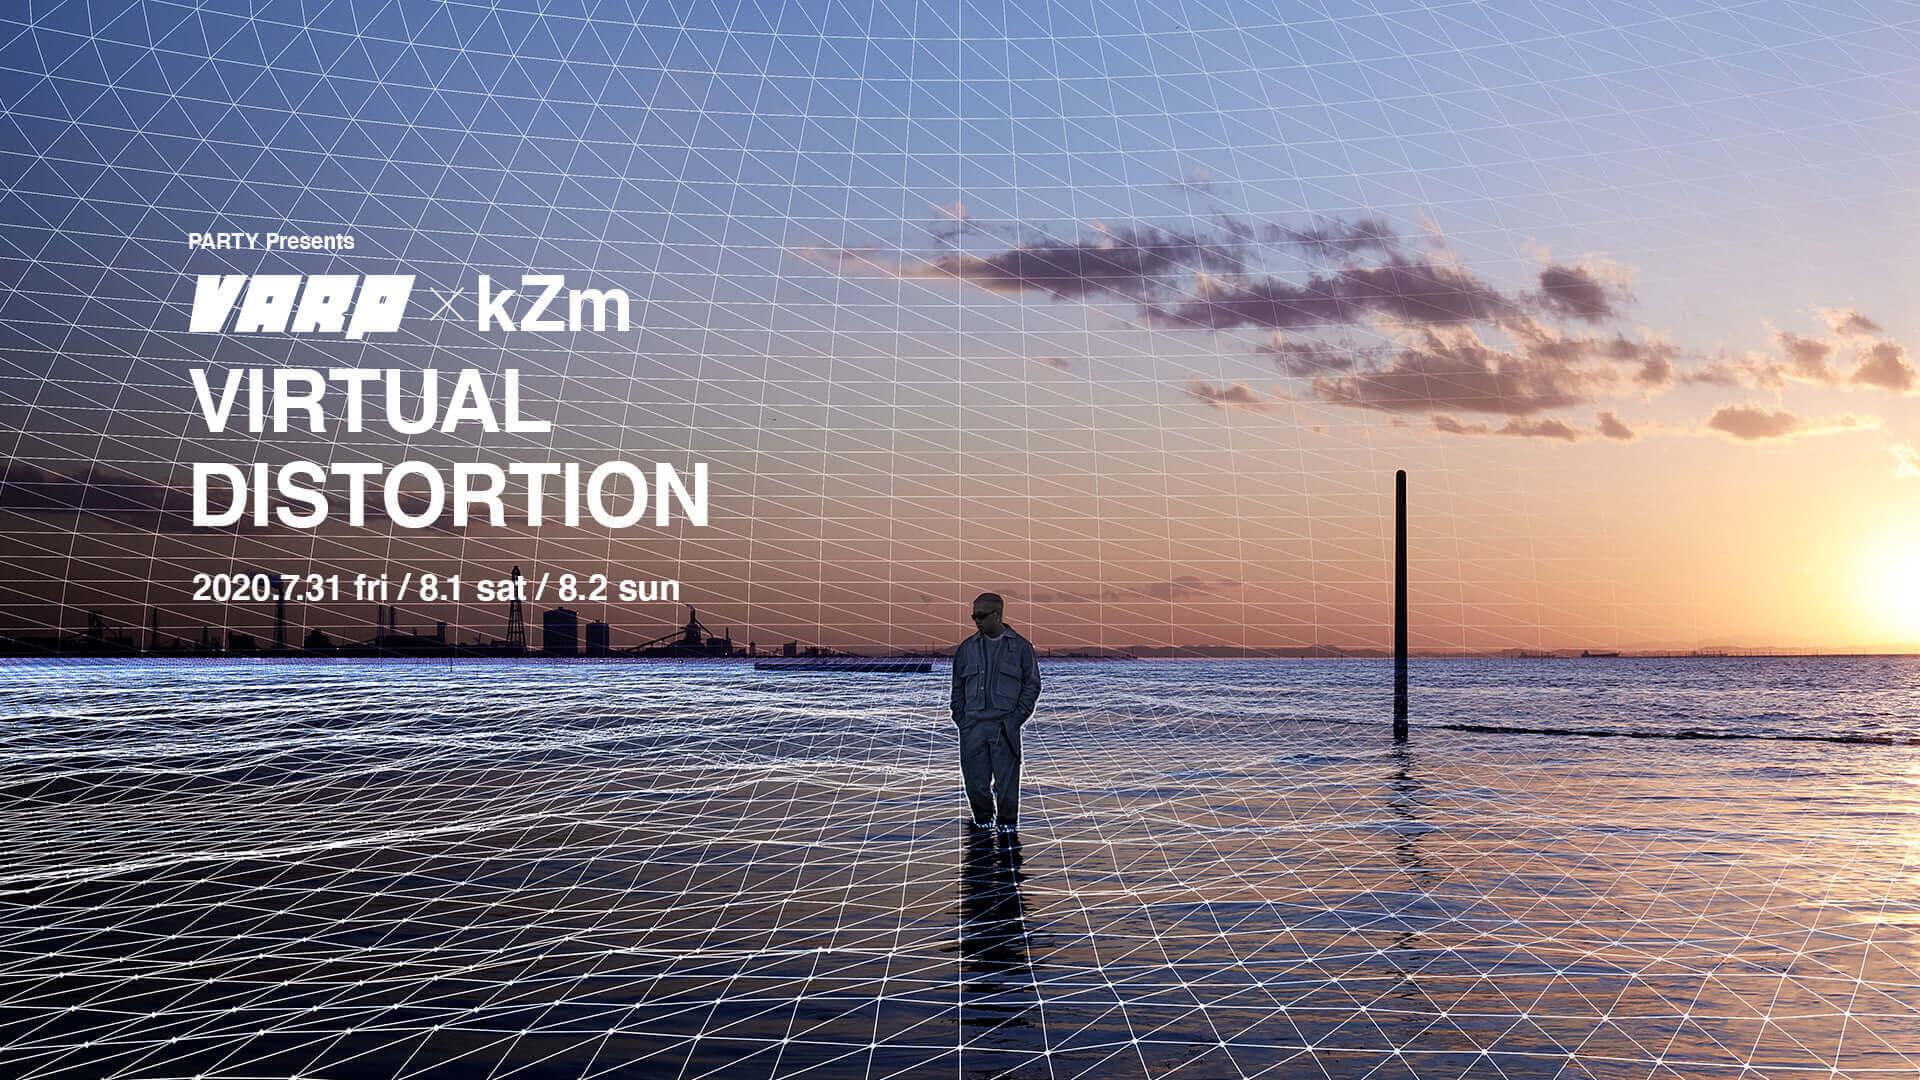 kZmのバーチャルライブ<VIRTUAL DISTORTION>の公式マーチャンダイズ詳細が公開!VERDY、YouthQuakeとのコラボアイテムがラインナップ music200730_kzm_19